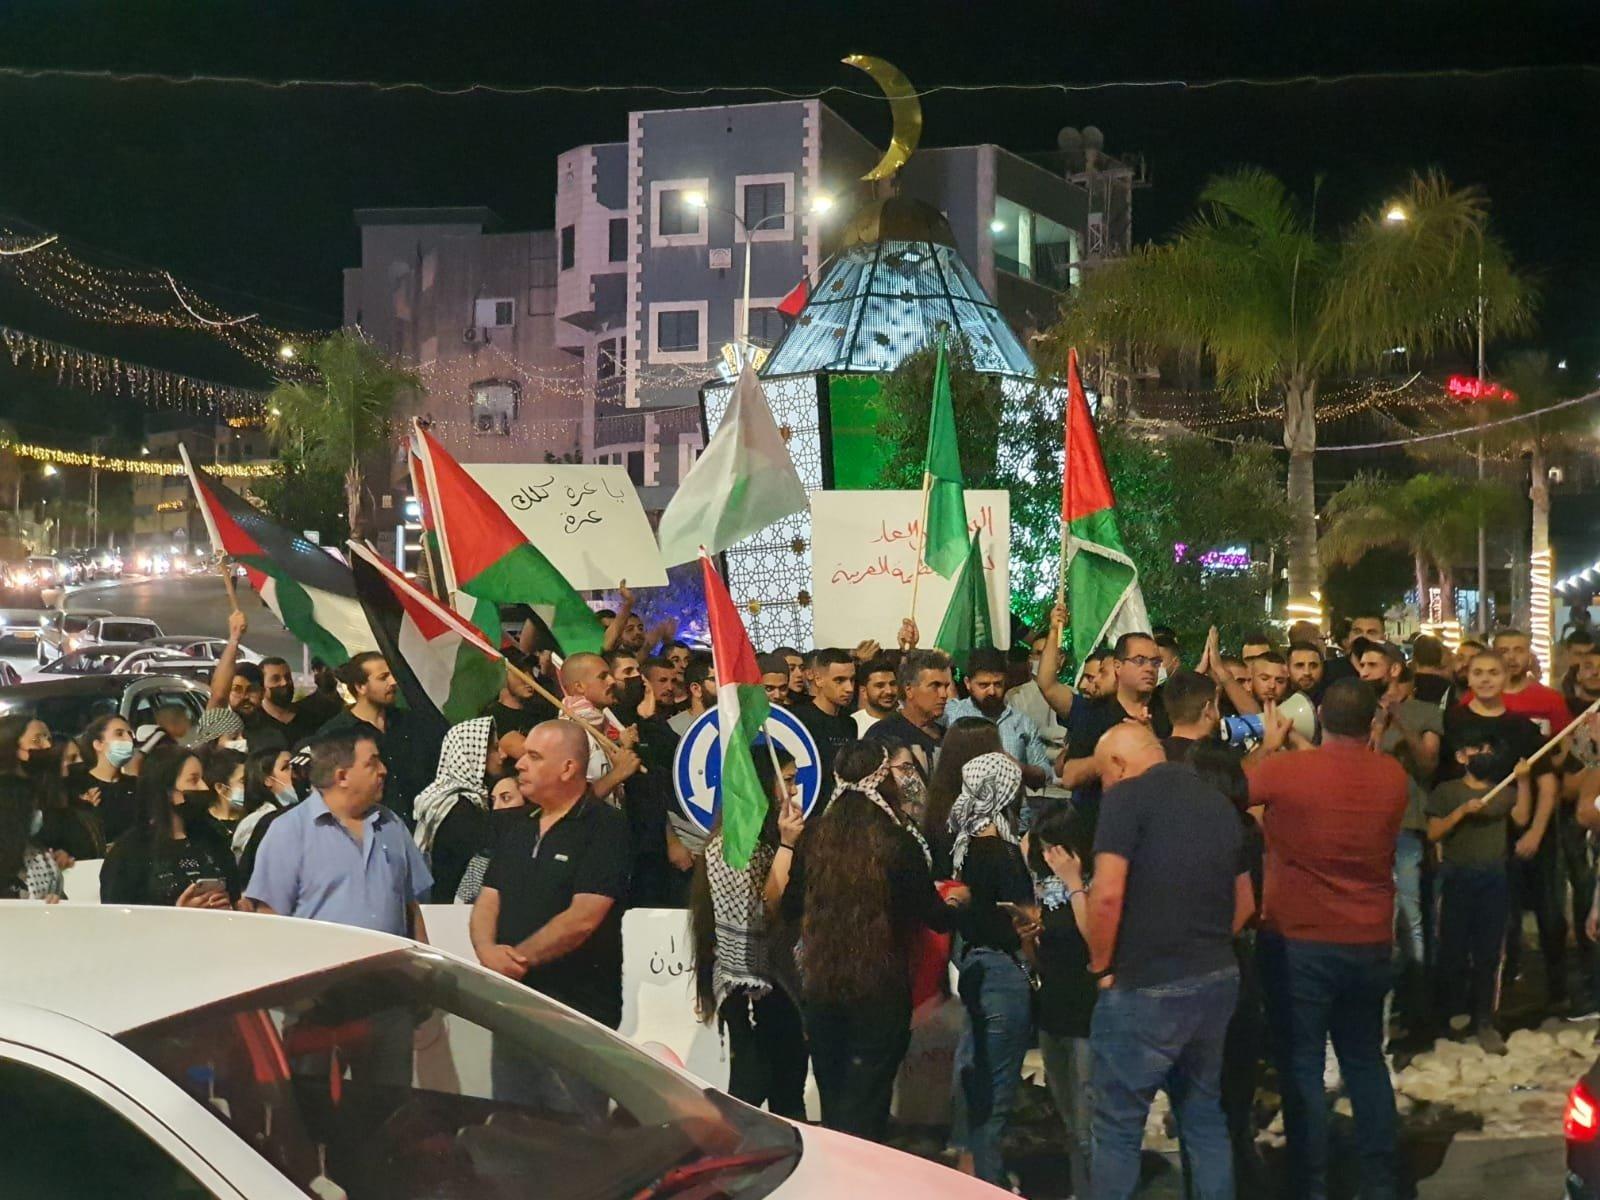 تابعوا الأخبار من مختلف البلدات: مظاهرات حاشدة، اليكم الملخص والصور-18